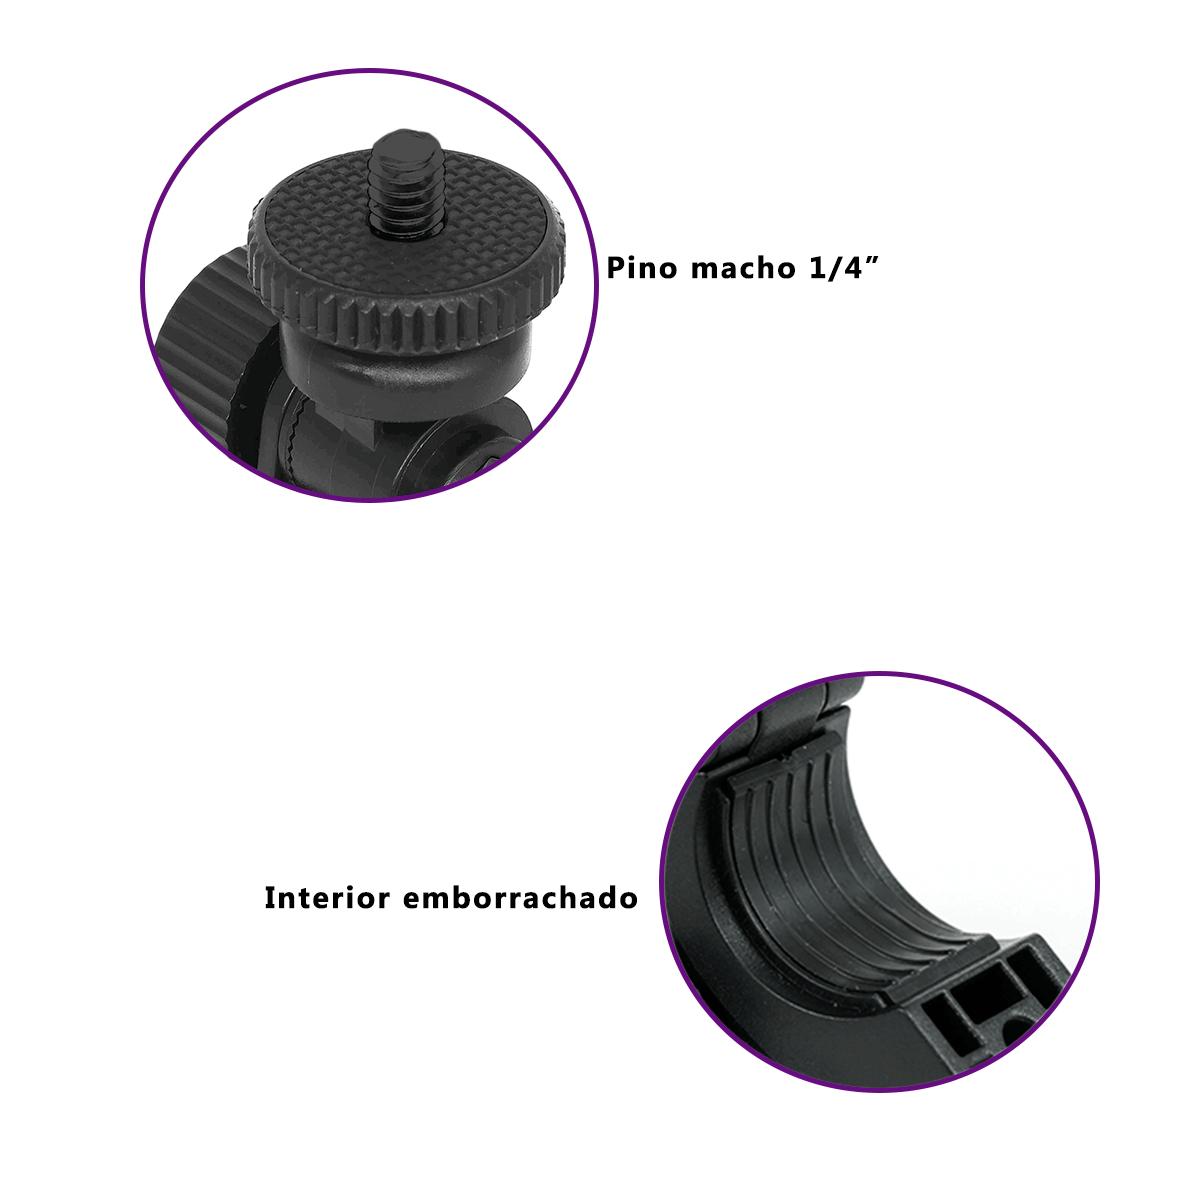 Adaptador Braçadeira para Tripé de Iluminação e Guidão de Moto ou Bicicleta  - Fotolux